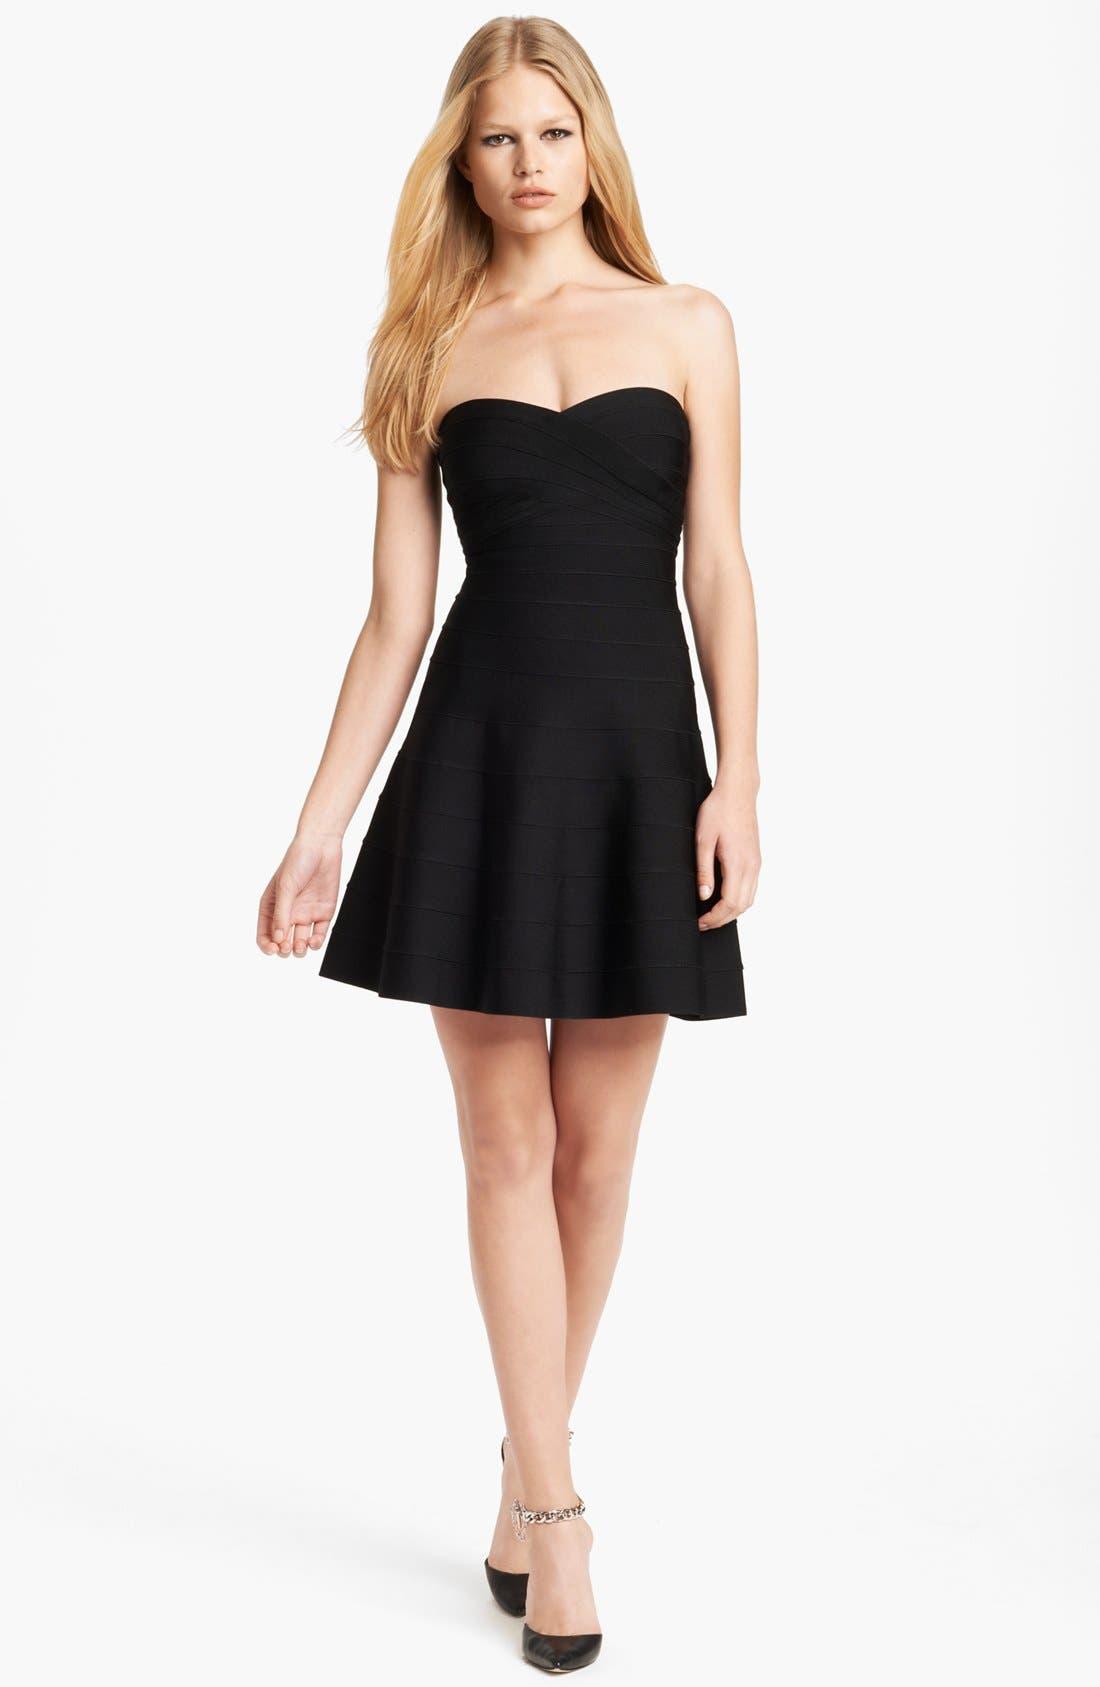 Alternate Image 1 Selected - Herve Leger Strapless Flare Skirt Dress